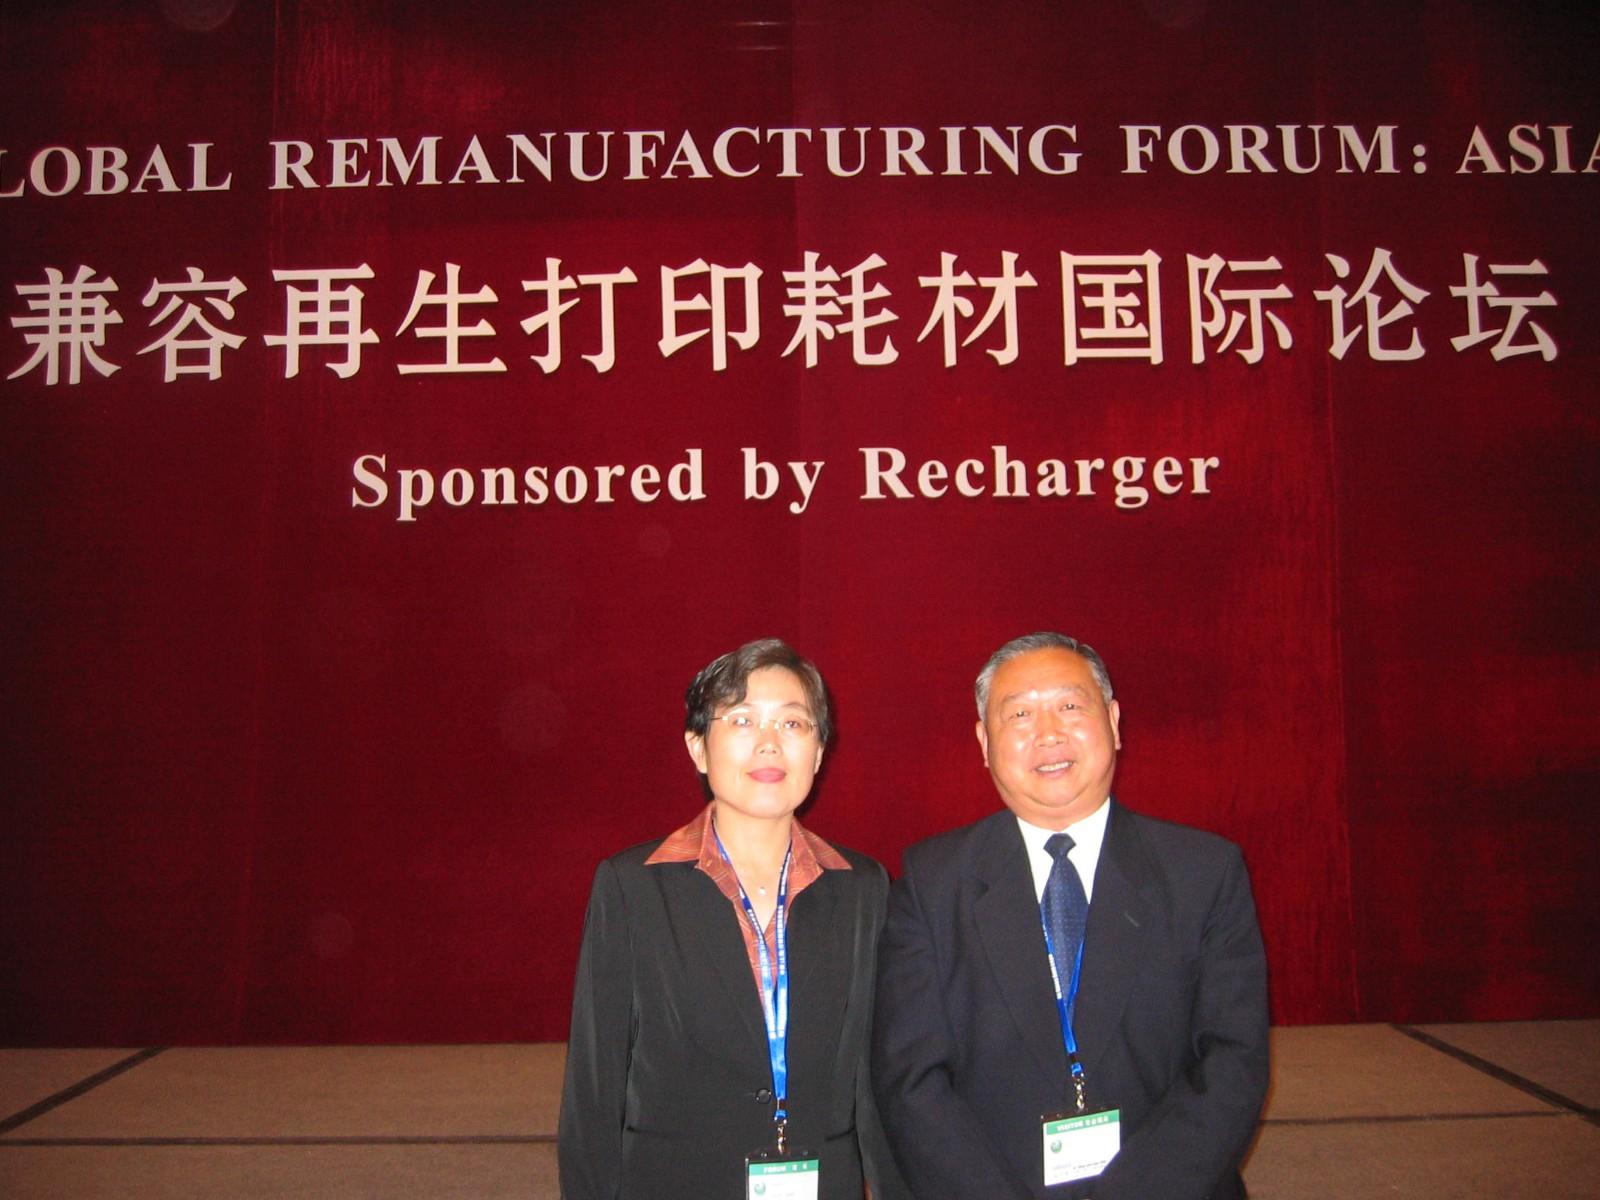 段淑华在2004打印耗材国际论坛上与打印耗材协会秘书长龚炳良先生合影.JPG